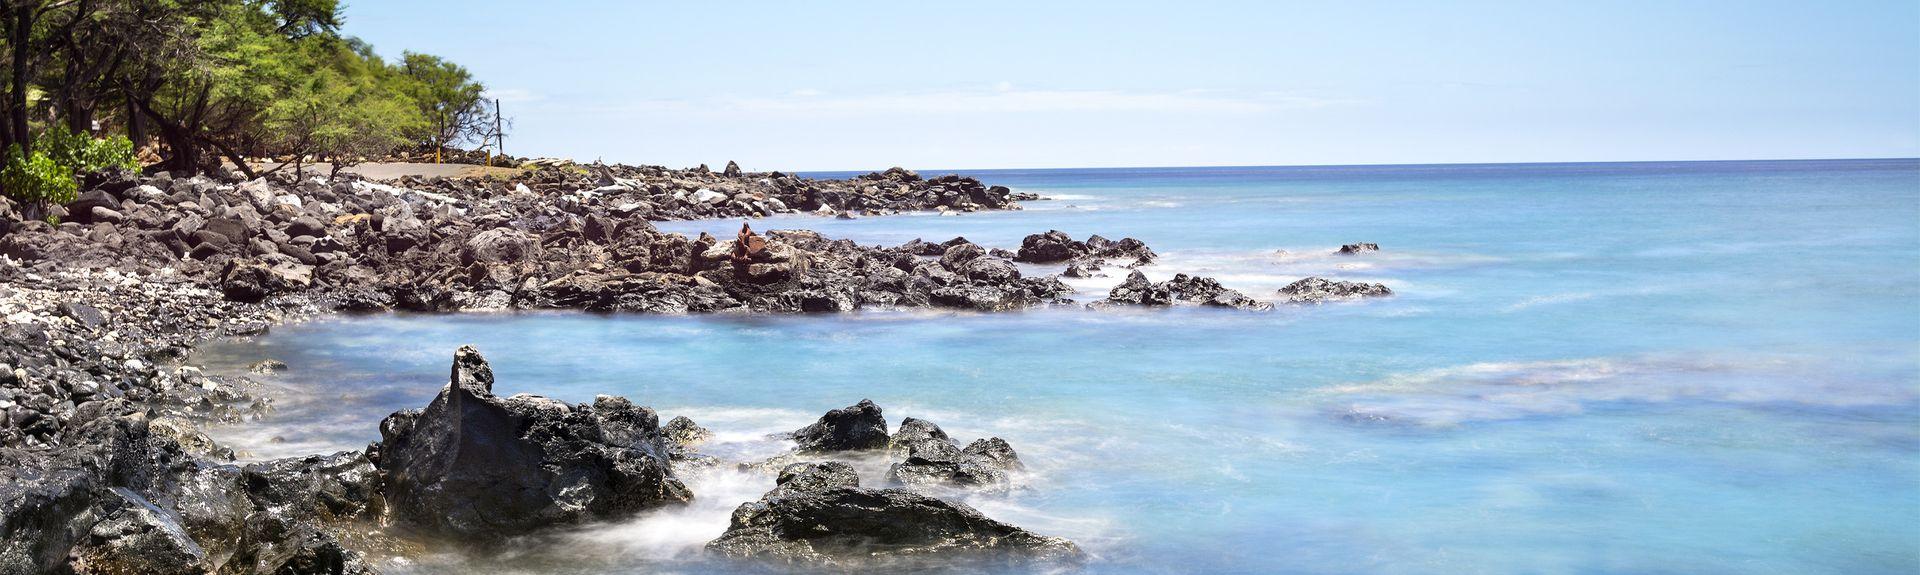 Kona Reef, Kailua-Kona, HI, USA